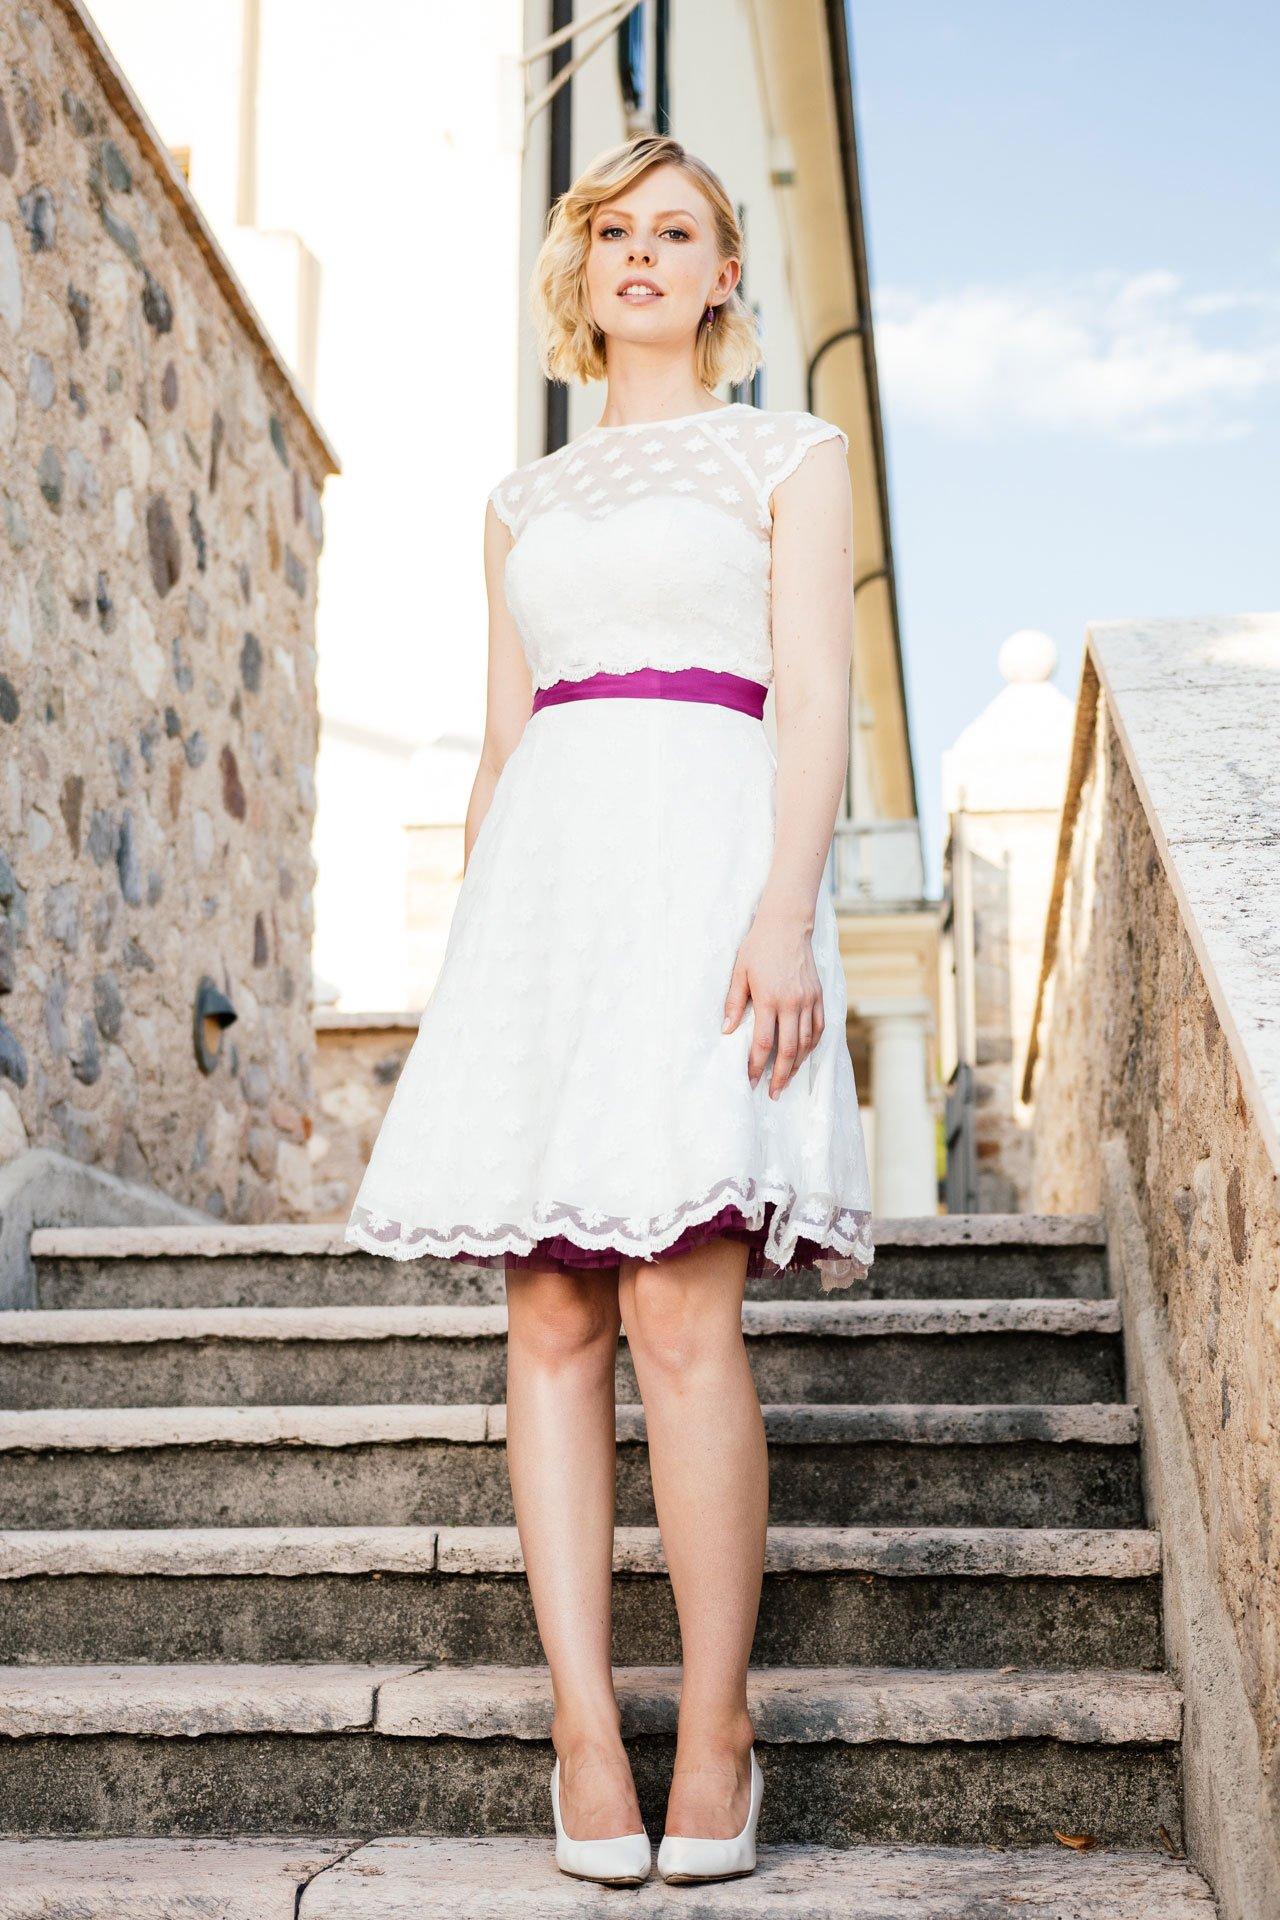 Melly - Lindegger küssdiebraut - Die Brautgalerie